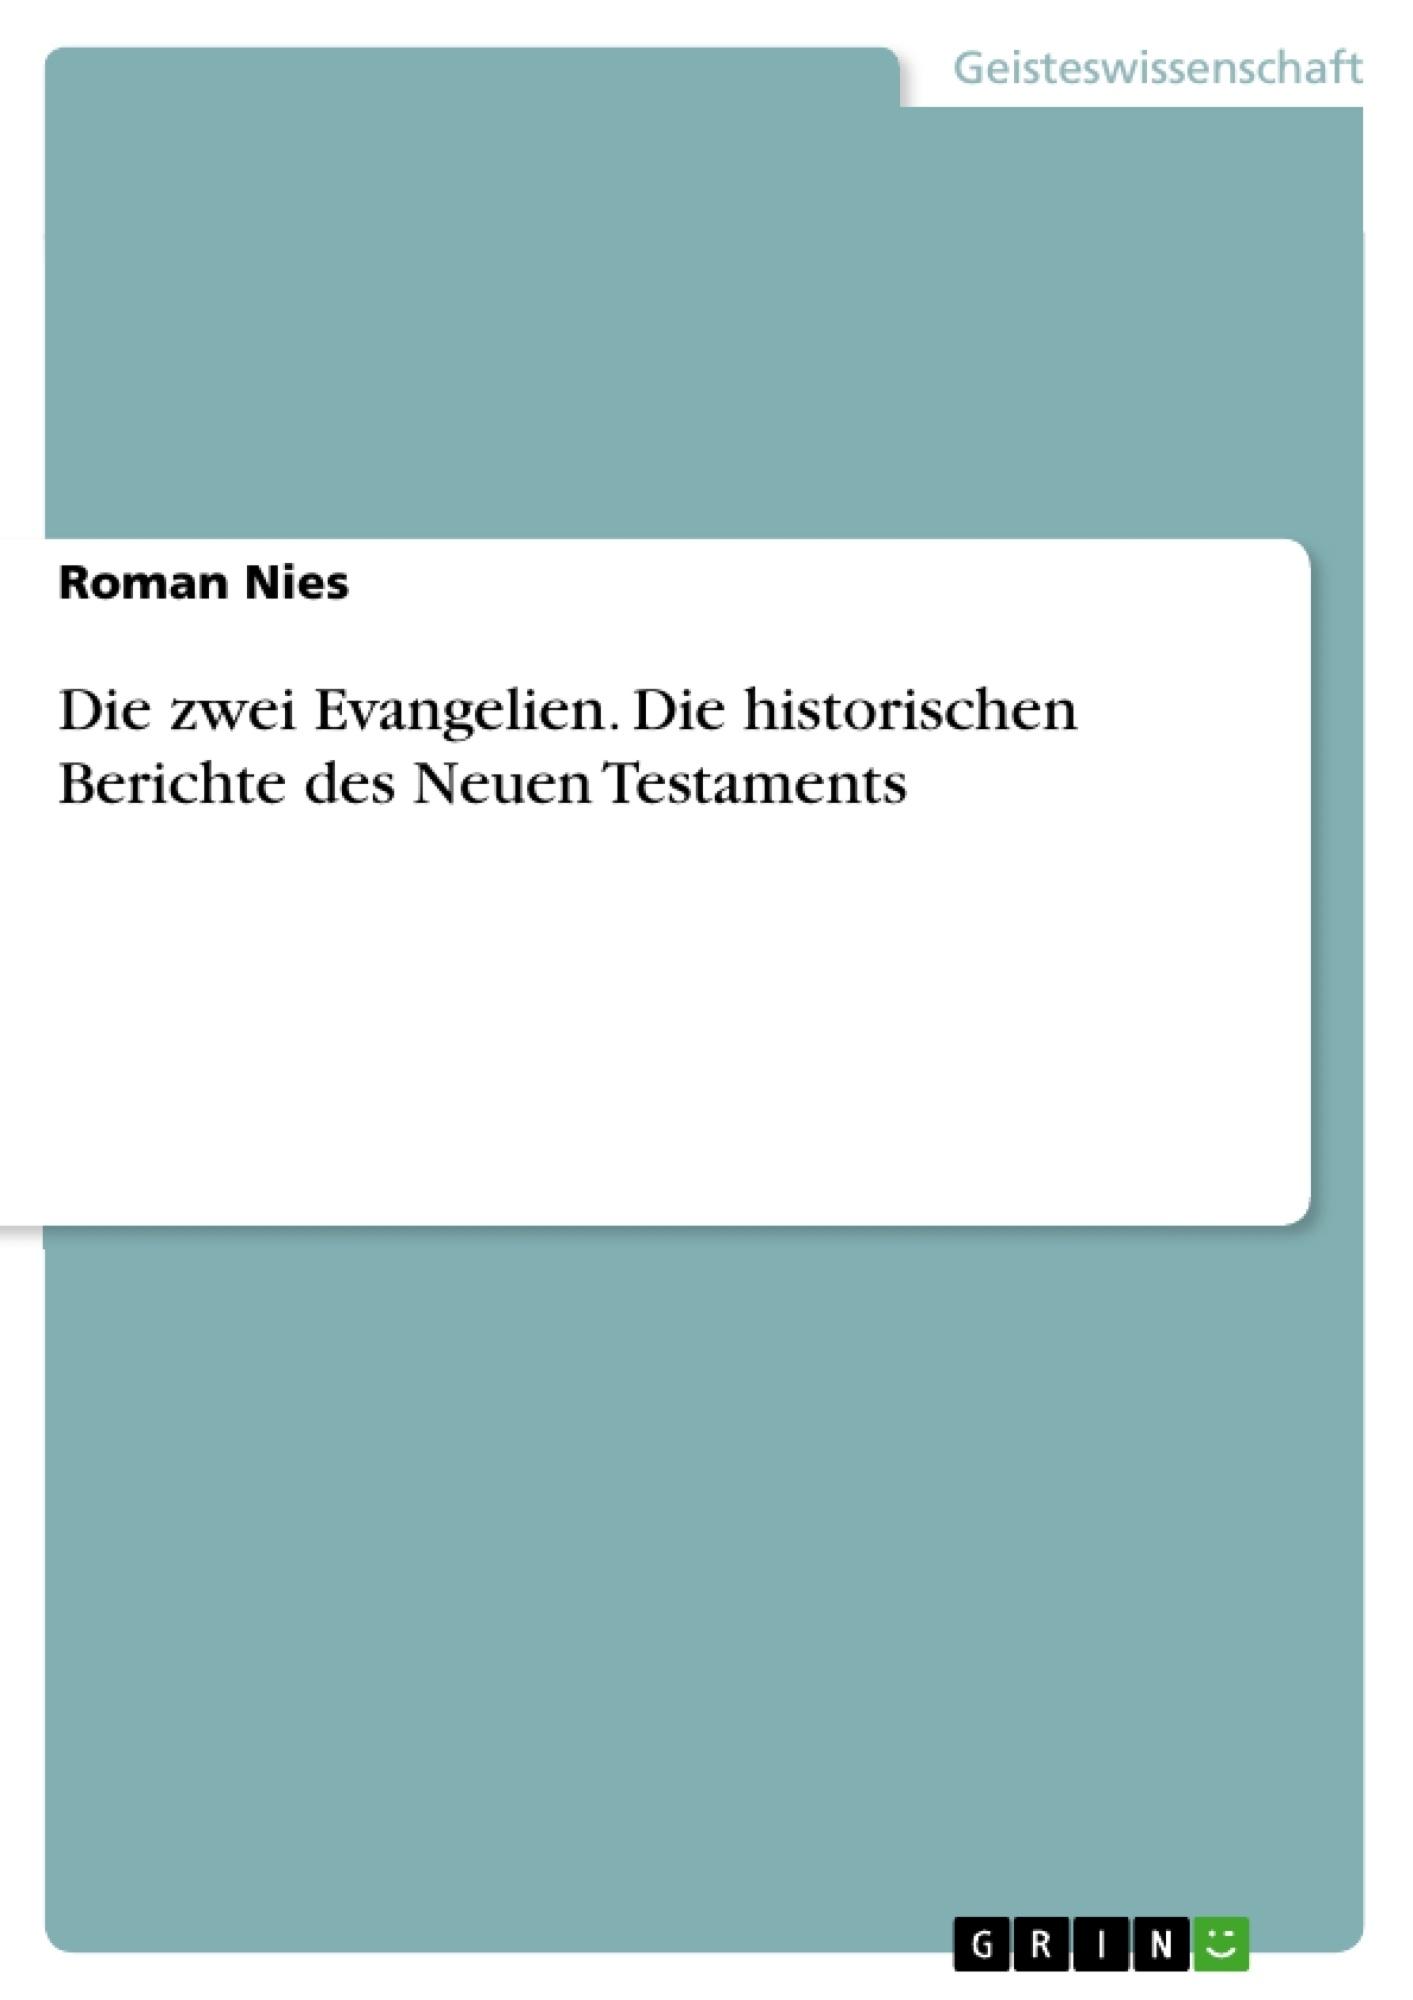 Titel: Die zwei Evangelien. Die historischen Berichte des Neuen Testaments